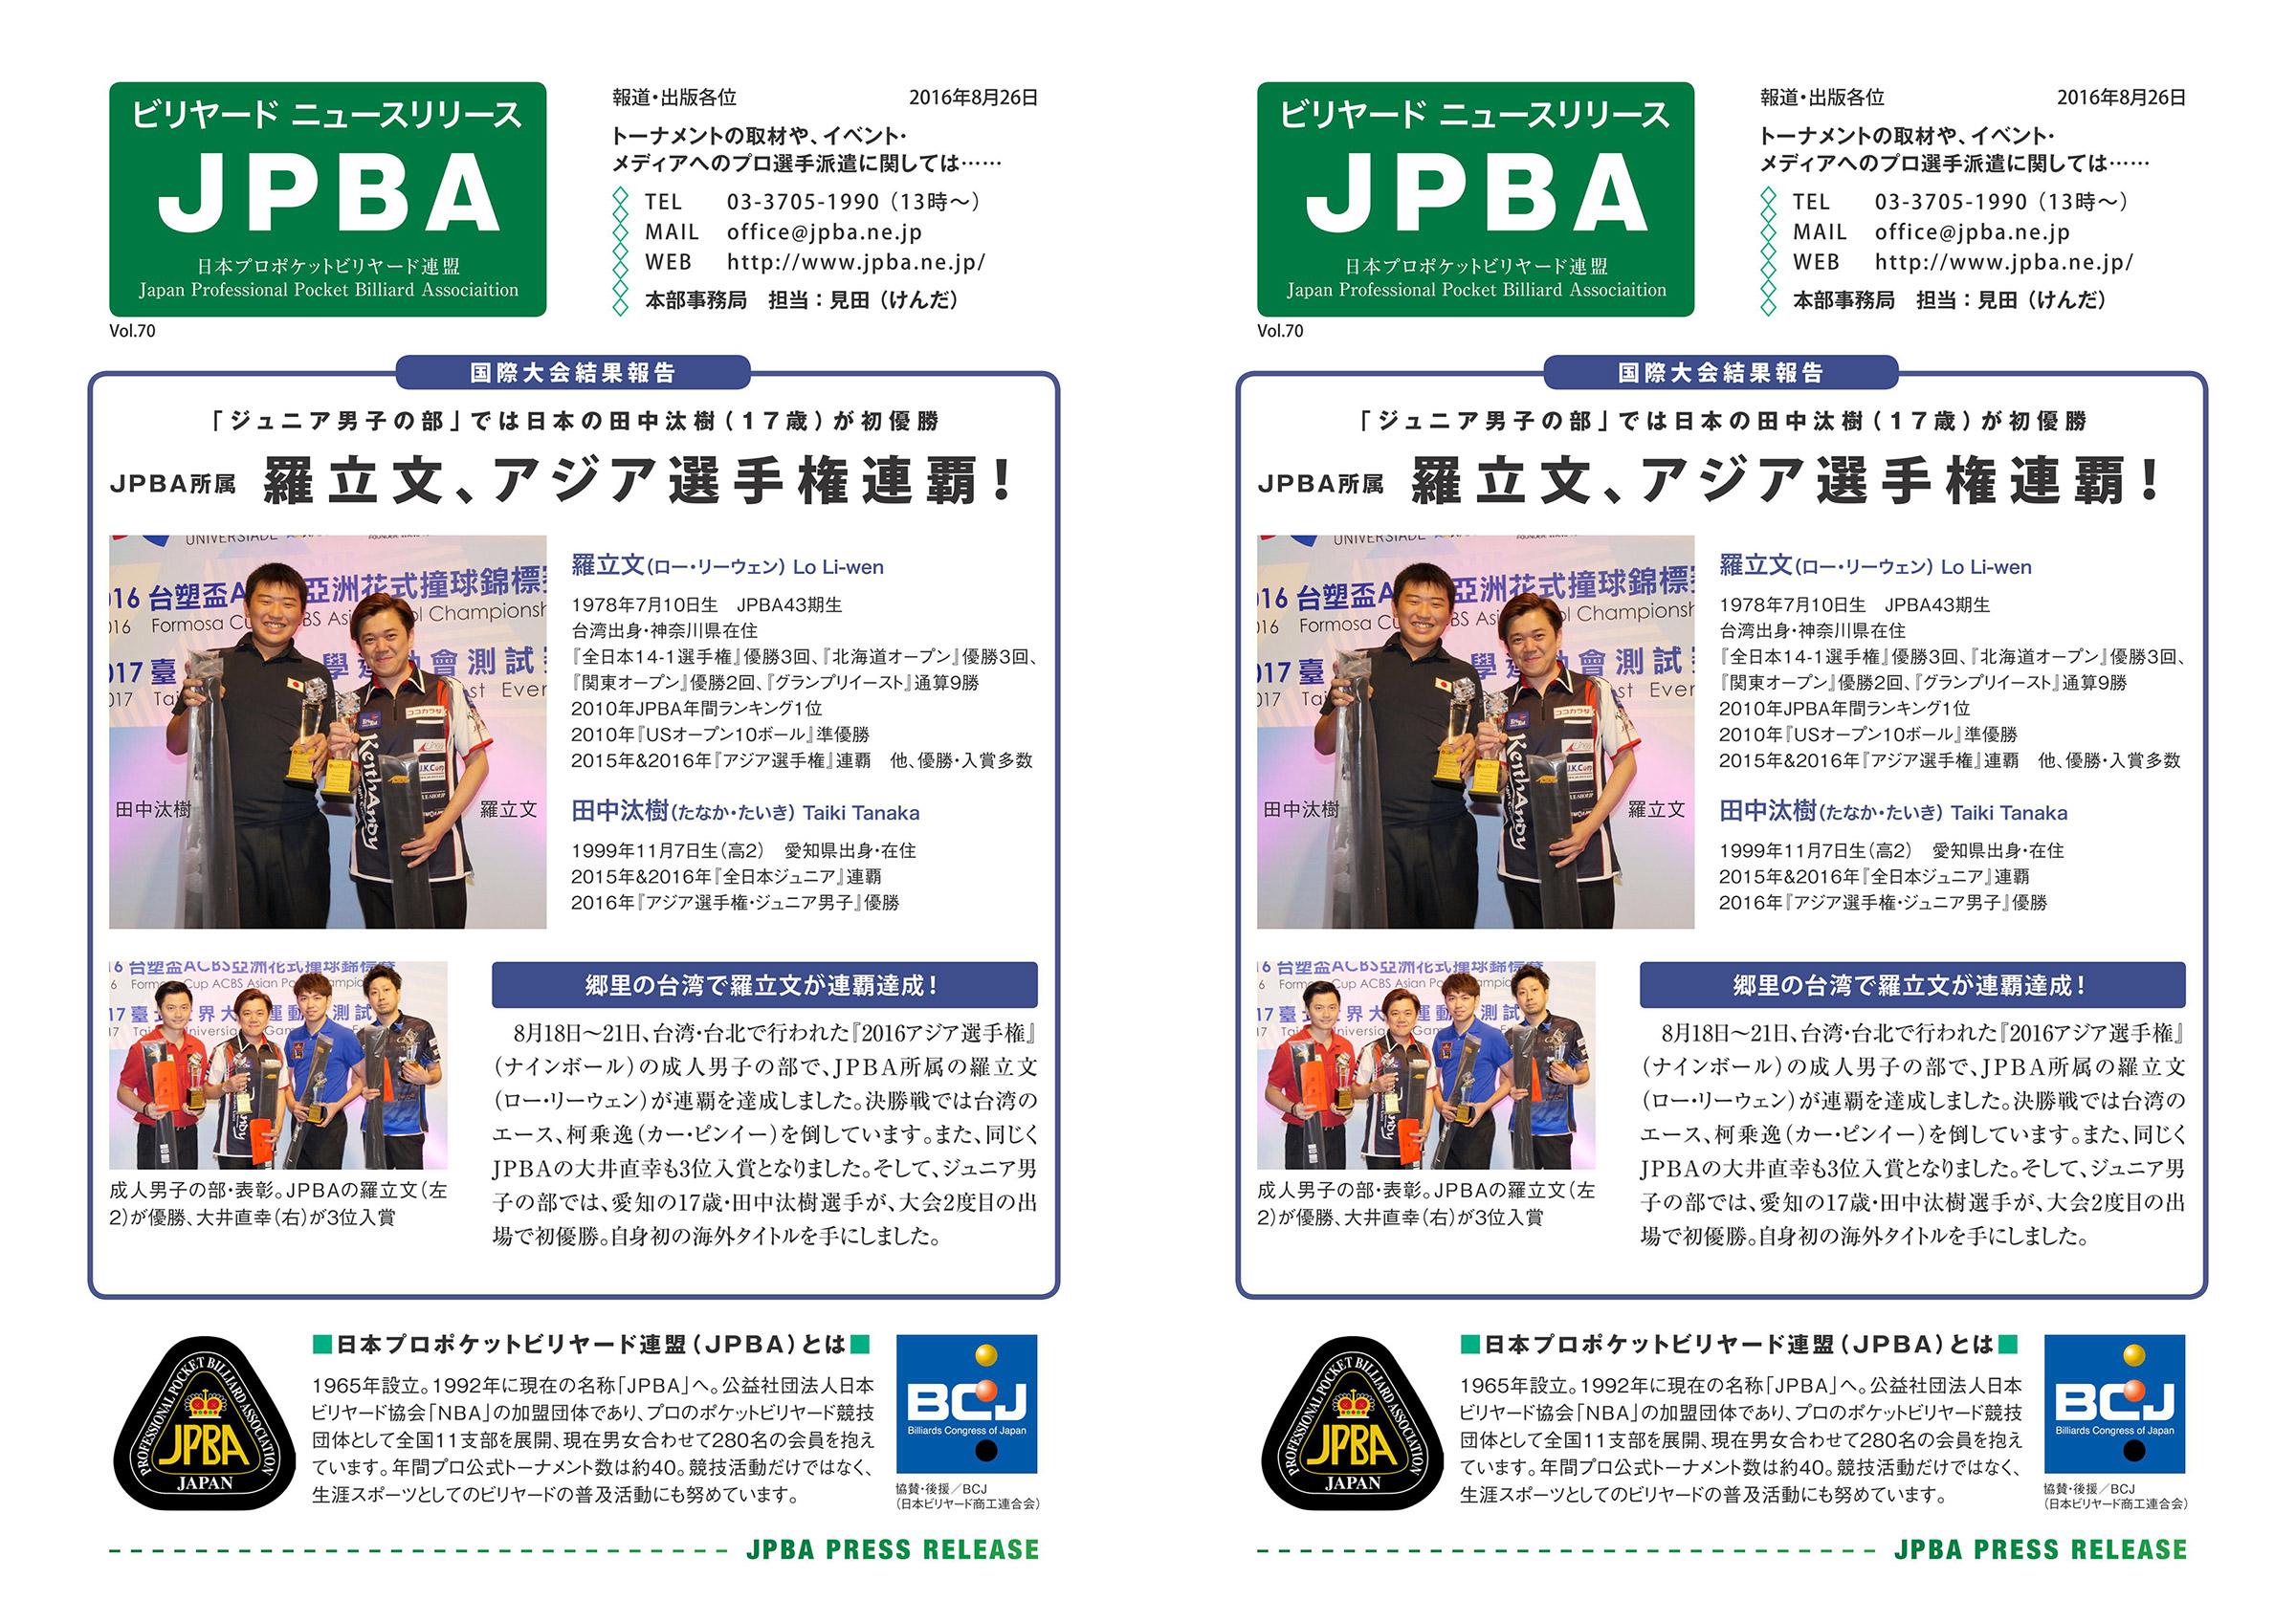 jpba-pr-70_01-yoko